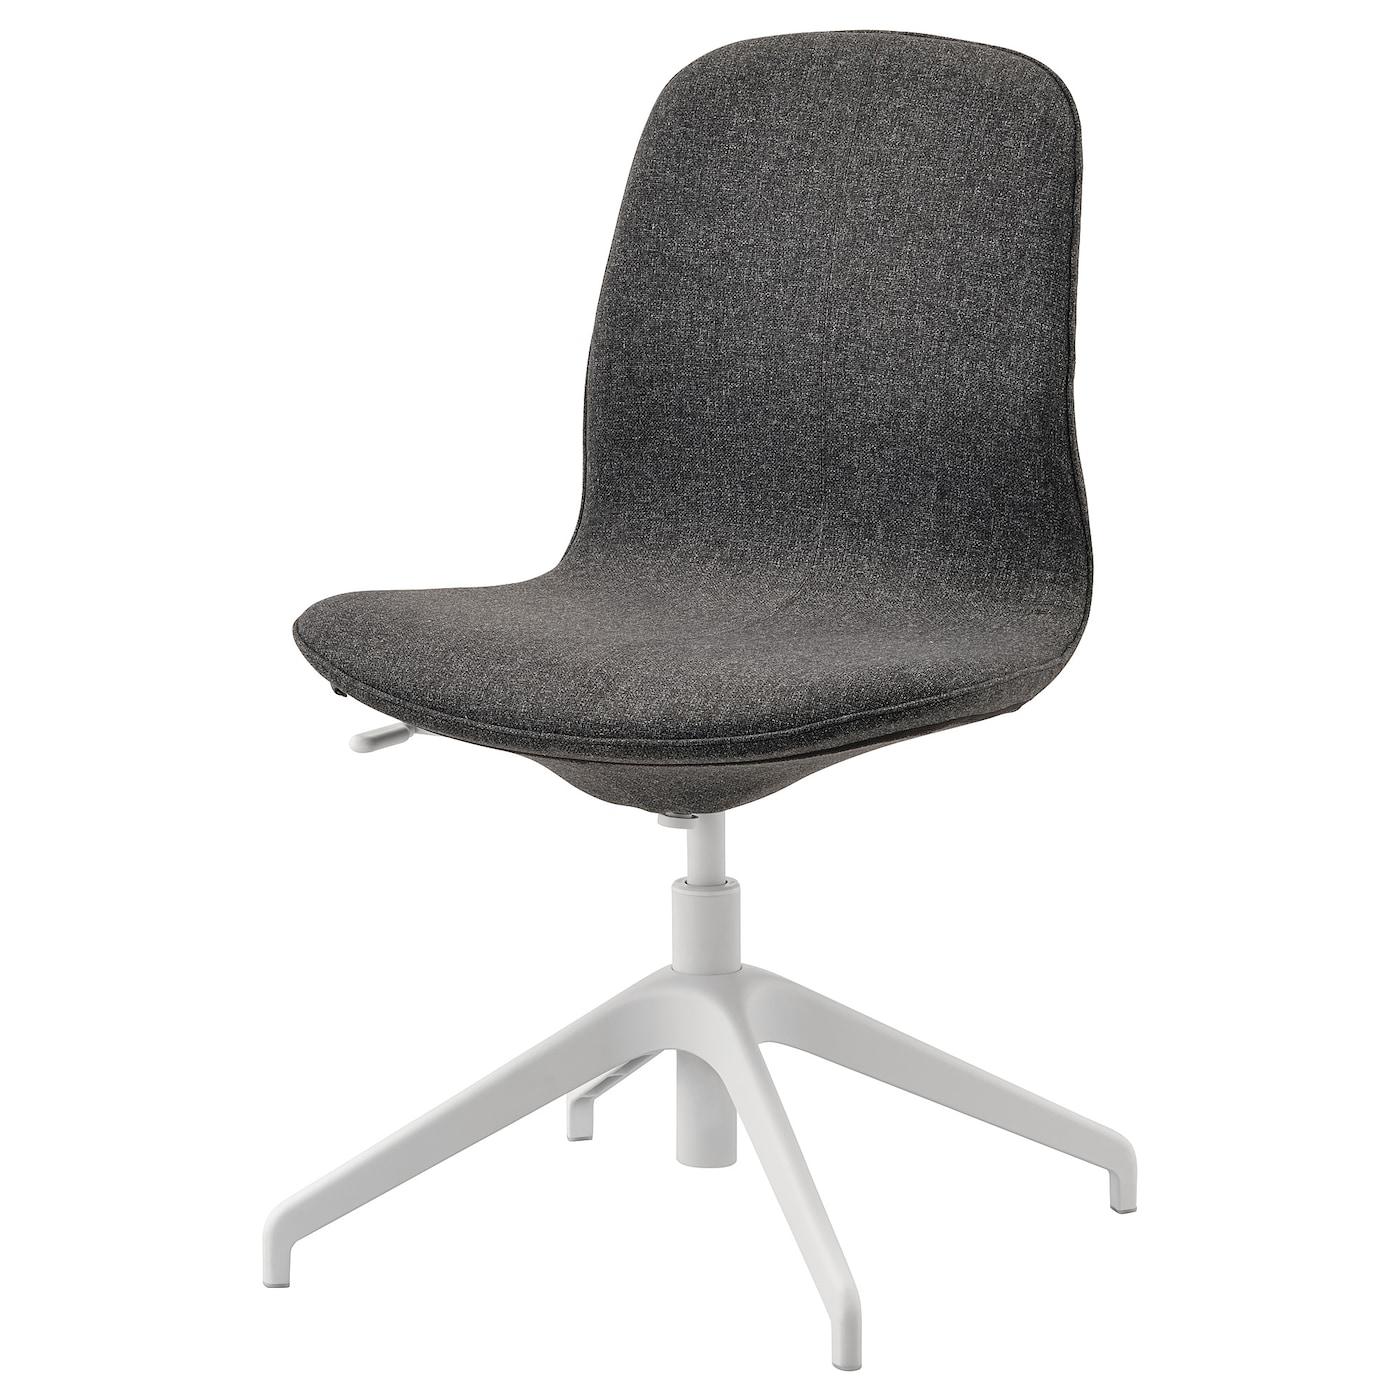 lÅngfjÄll conference chair gunnared dark gray ikea